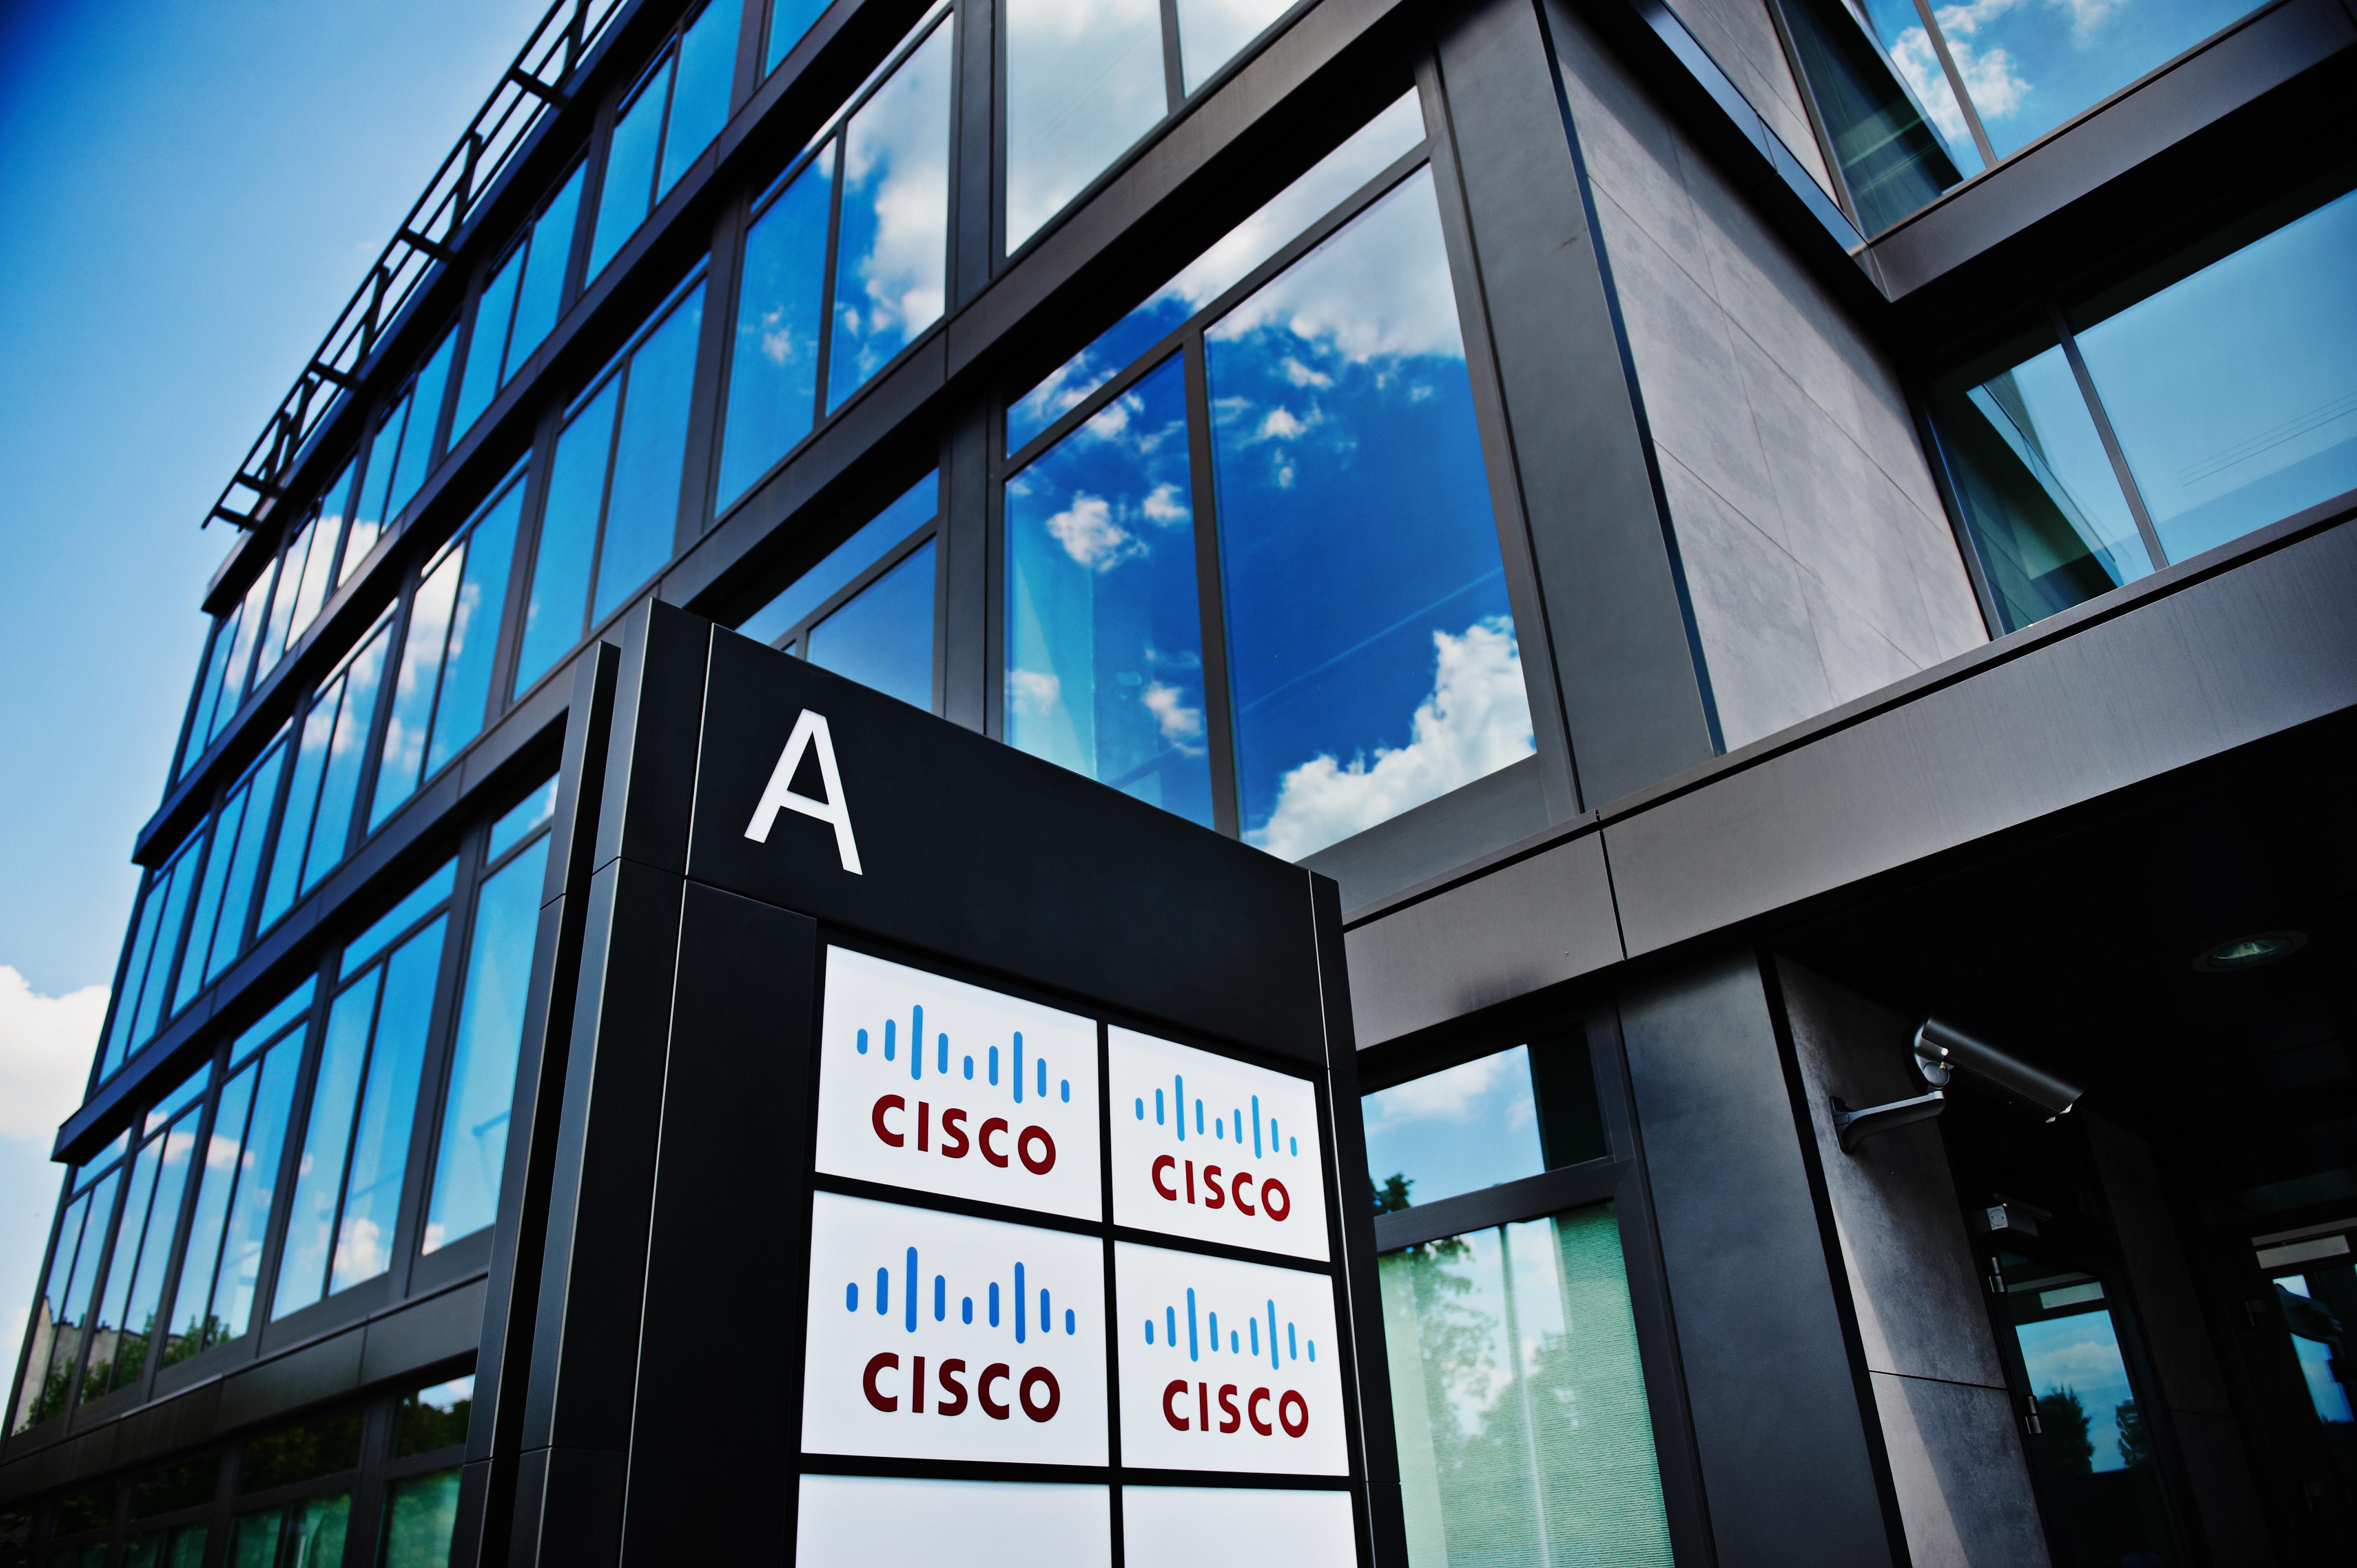 Cisco Kraków świętuje 9. rocznicę otwarcia i dodaje nowe strategiczne funkcje